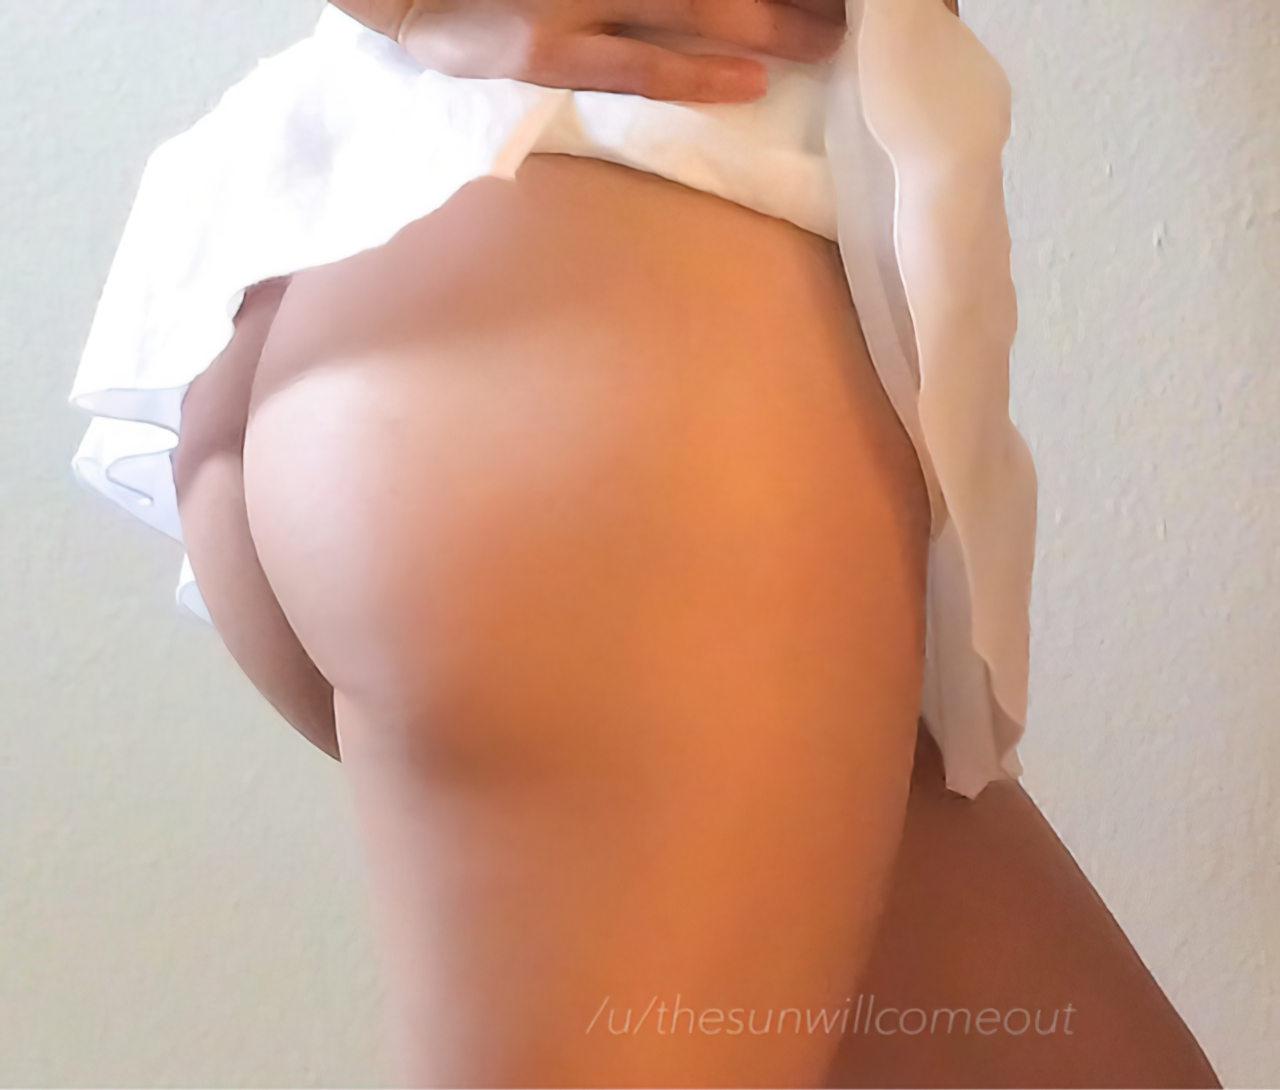 Amadora Exibicionista (31)